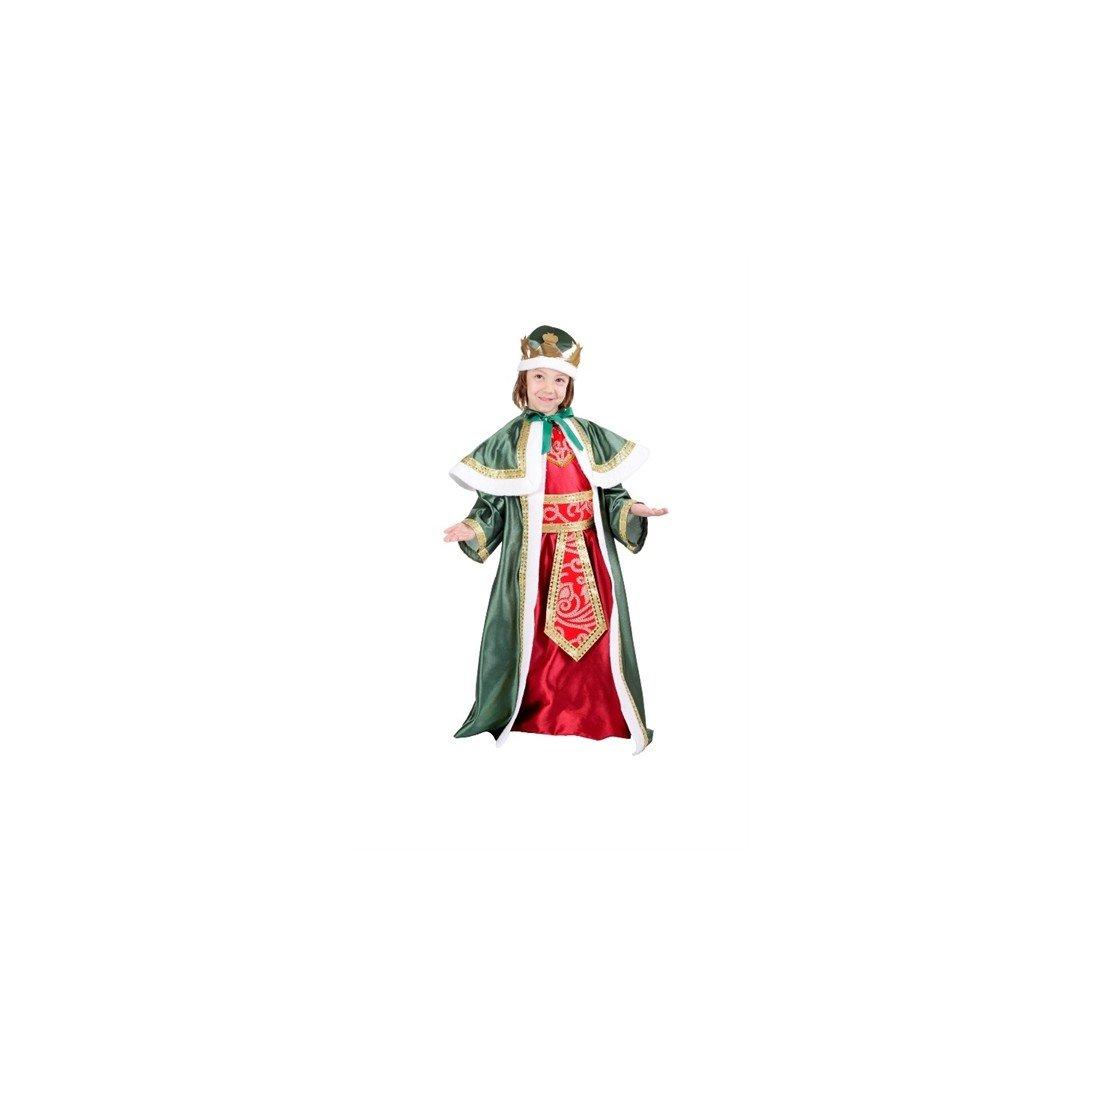 Disfraces Nines – Disfraz de rey mago baltasar infantil (talla 9-11 años)